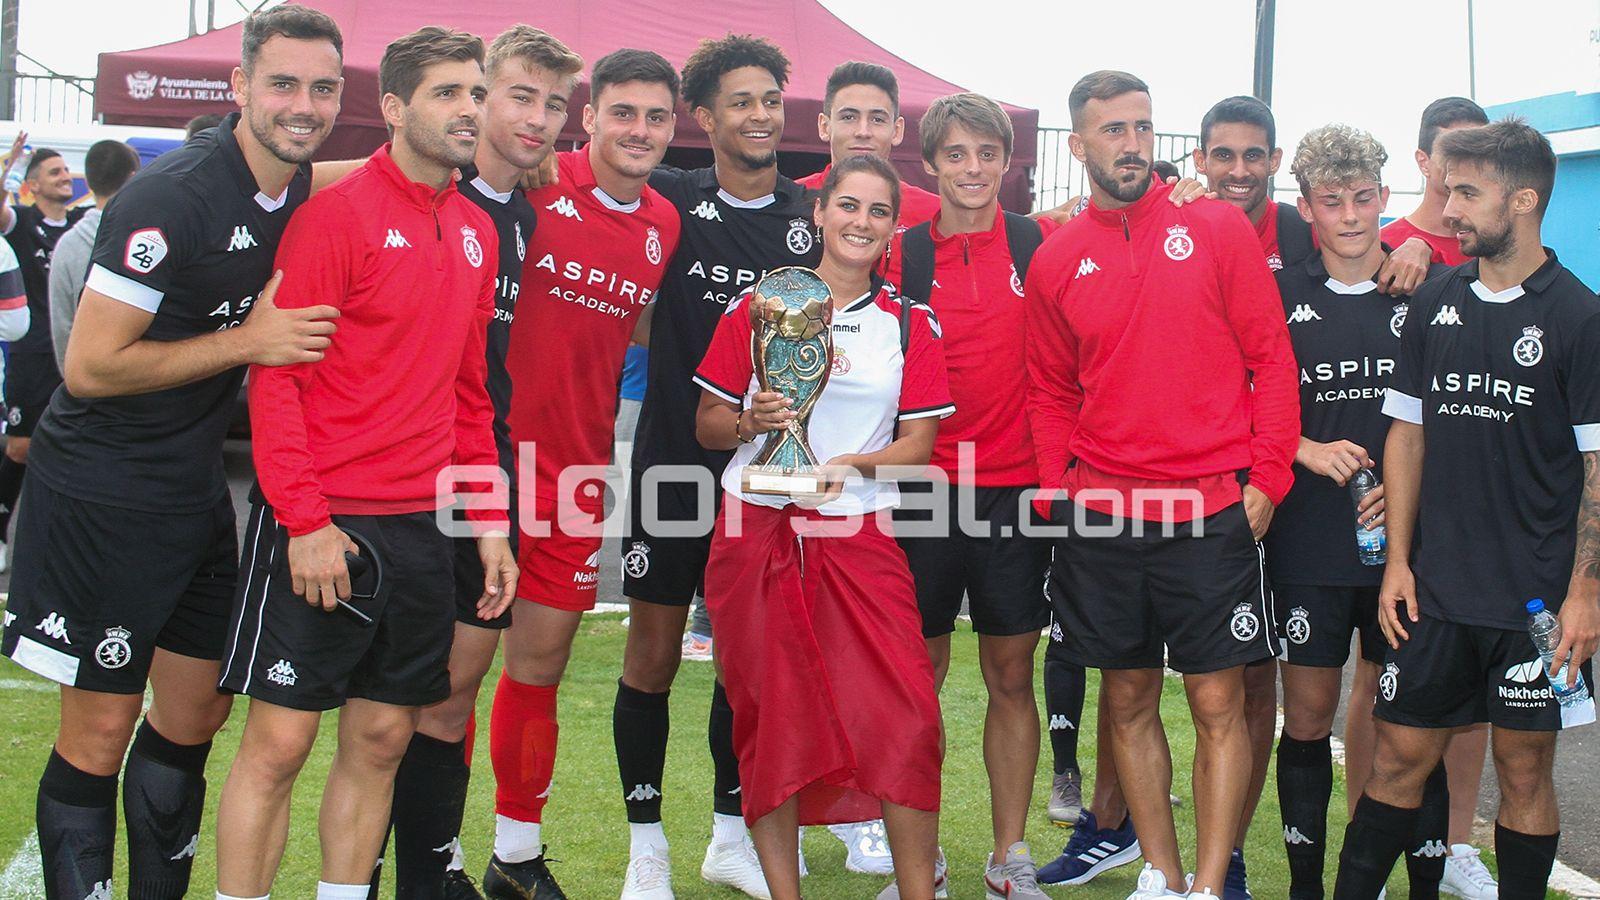 La Cultural Leonesa con el trofeo de campeón / @jacfotografo